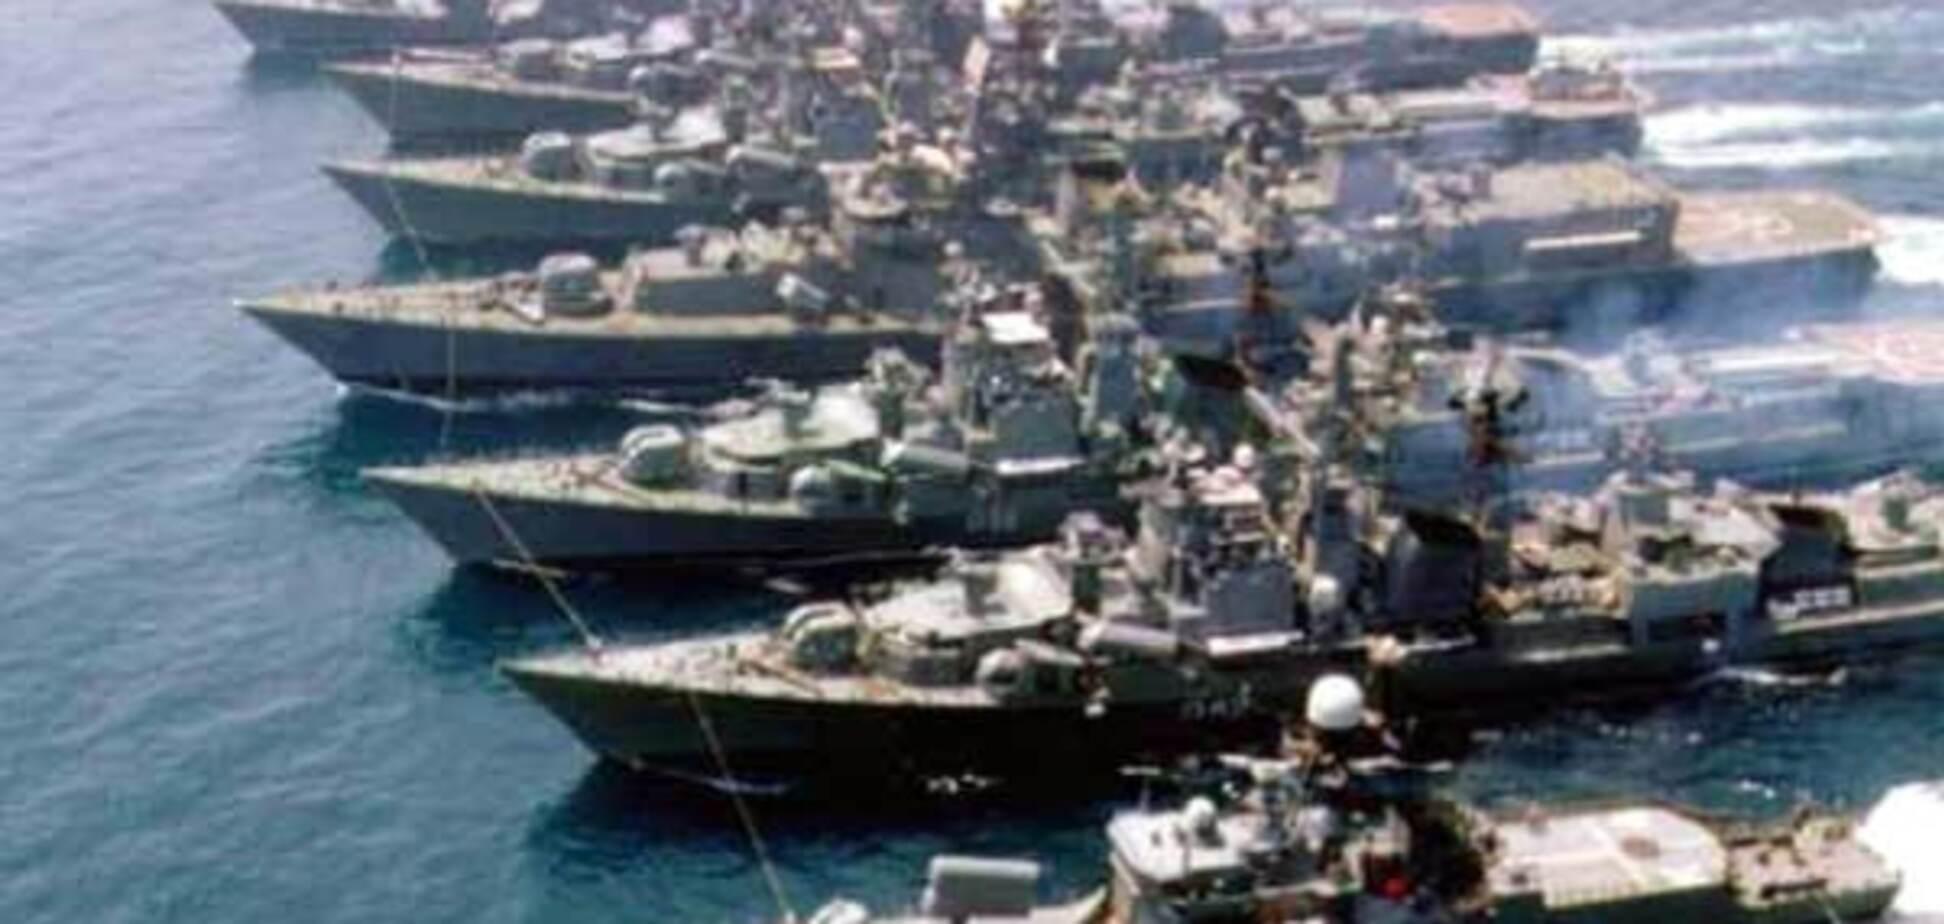 Россия и Китай 'беспрецедентно' бряцают оружием на фоне учений НАТО